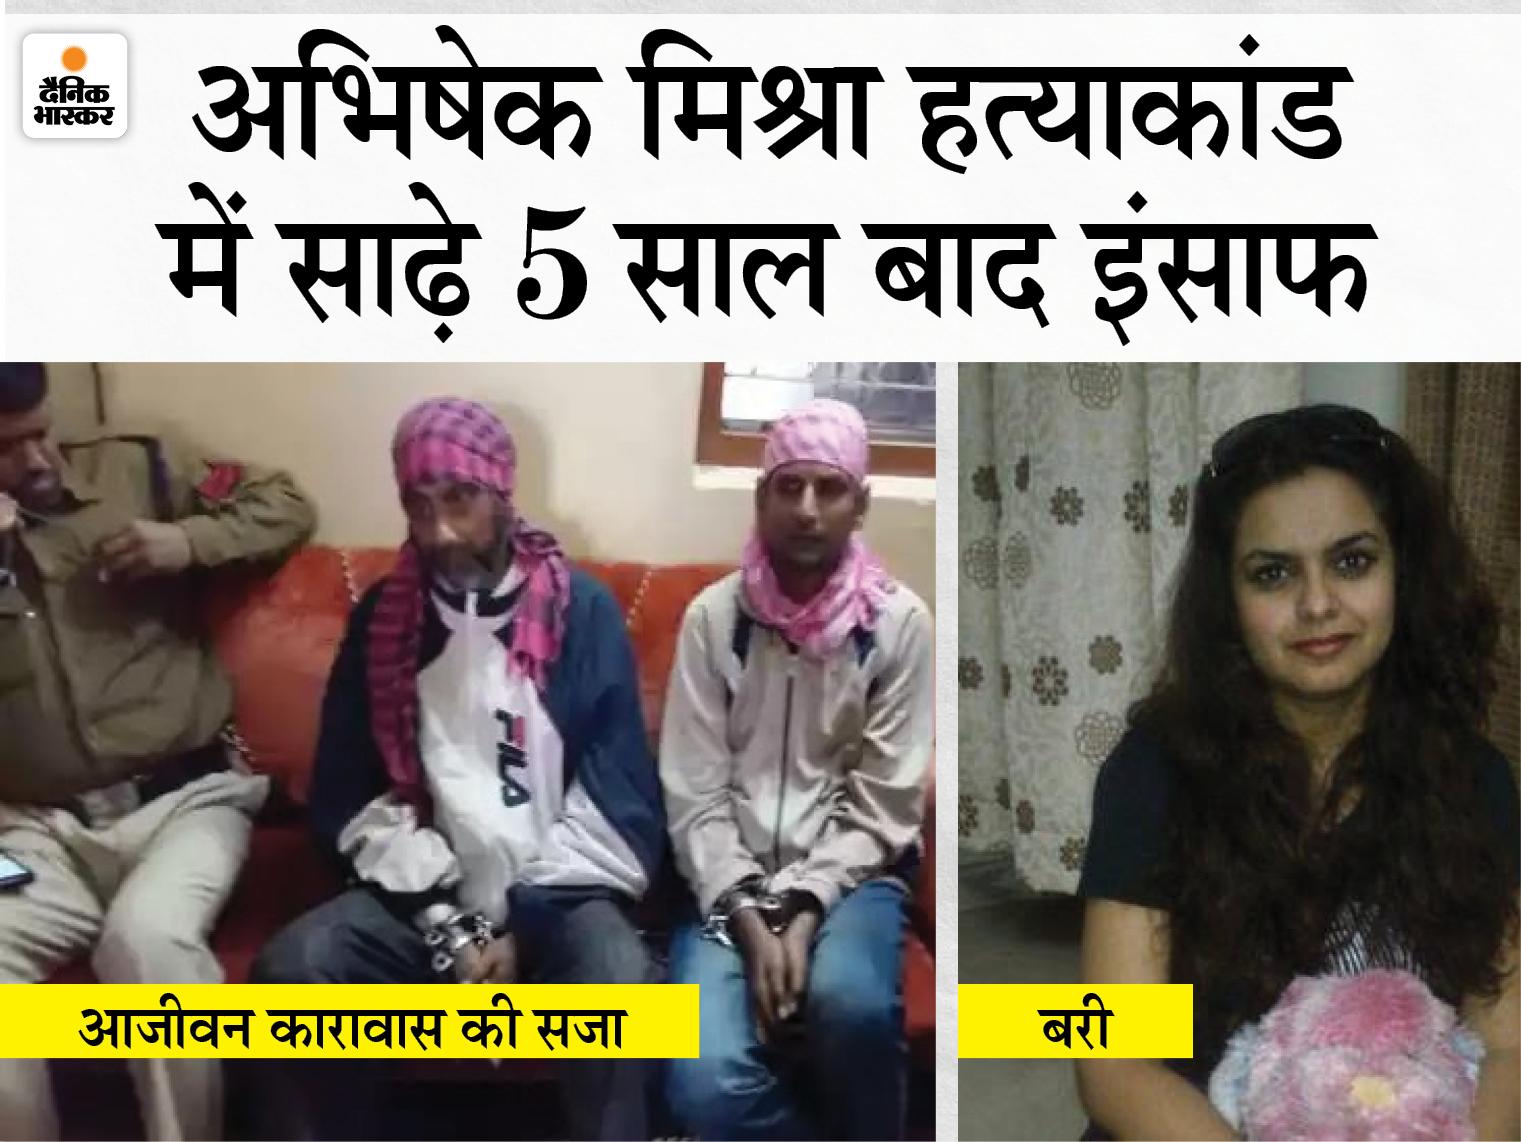 आरोपी महिला पूर्व कर्मचारी को किया गया बरी, उसके चाचा और पति को अंतिम सांस तक जेल की सजा|भिलाई,Bhilai - Dainik Bhaskar